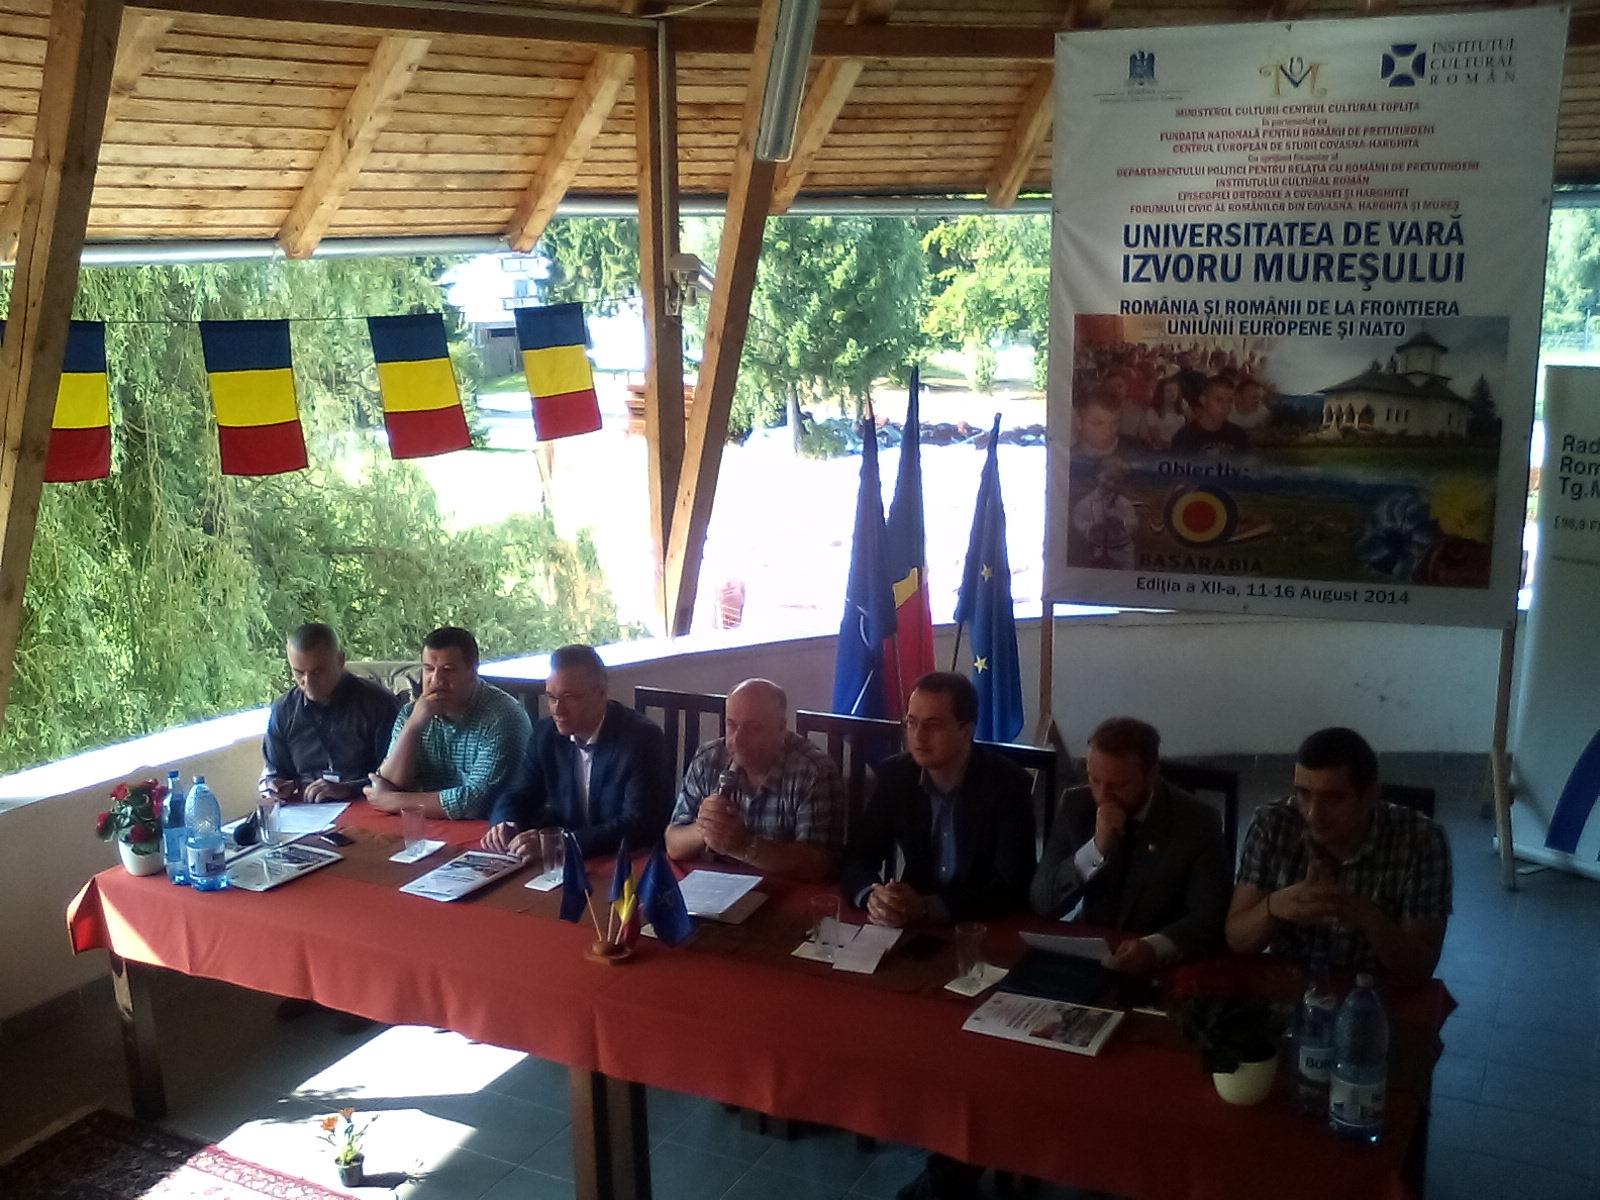 Participanţii la Universitatea de vară de la Izvoru Mureşului au adoptat, ieri, la finalul dezbaterilor, un apel comun, adresat autorităţilor centrale, Preşedinţiei, Parlamentului şi Guvernului şi candidaţilor la alegerile prezidenţiale